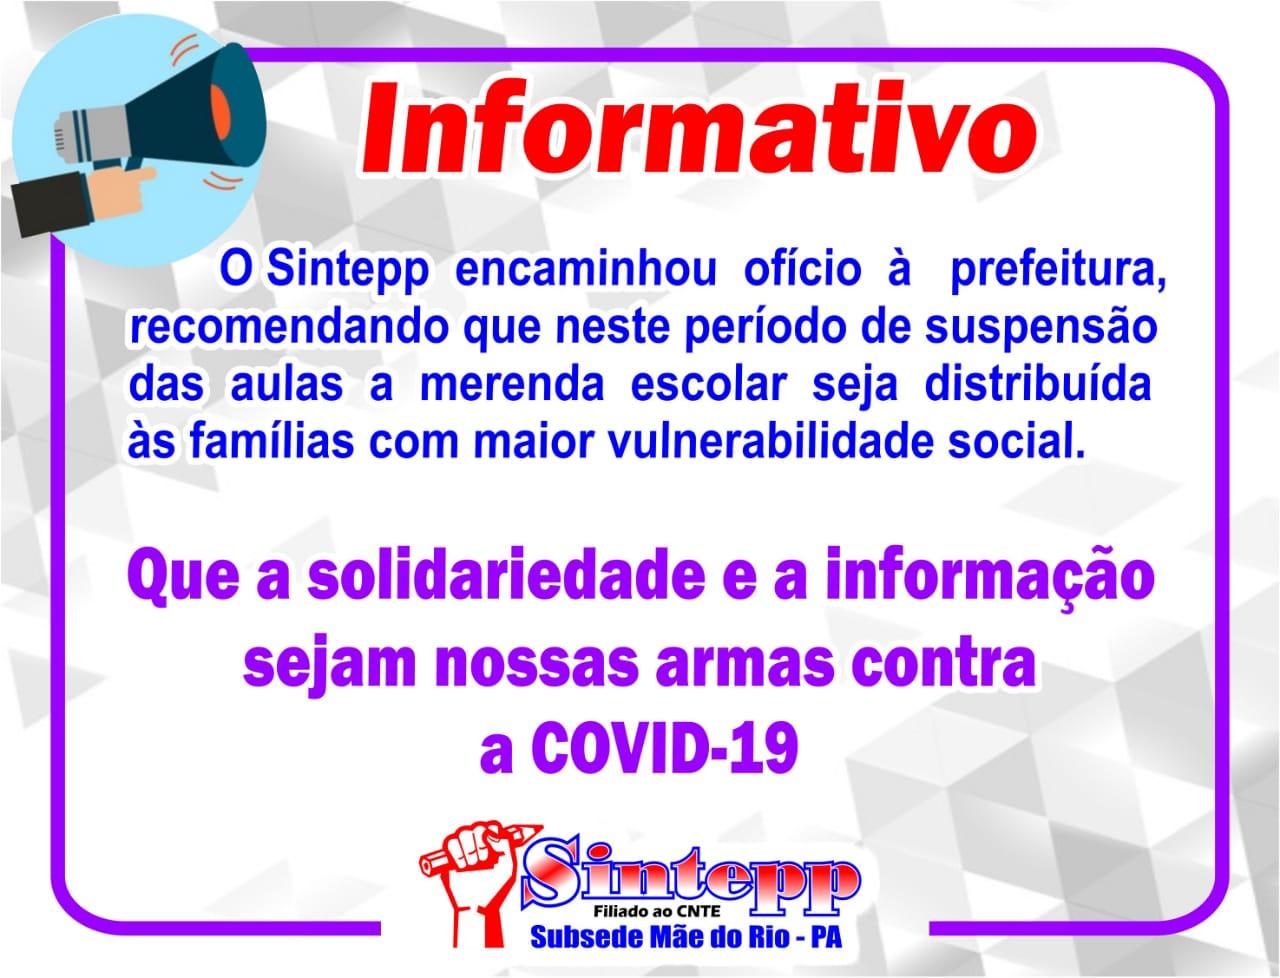 SINTEPP Mãe do Rio recomenda distribuição de alimentação escolar às famílias com maior vulnerabilidade social